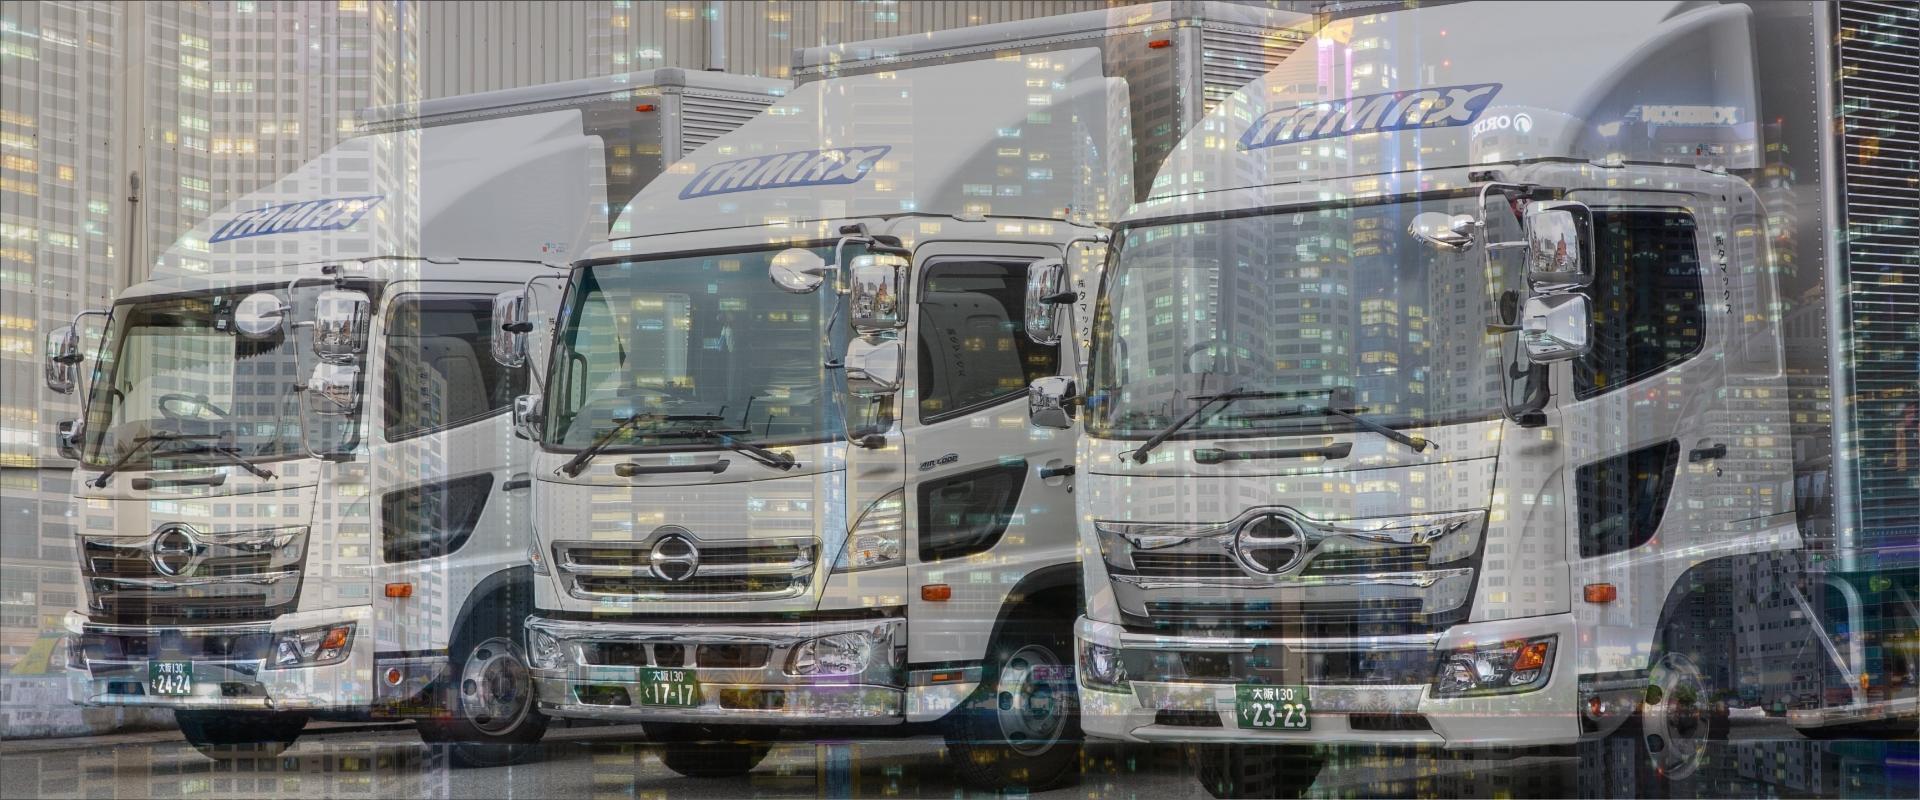 Logistics for the future 未来のための物流